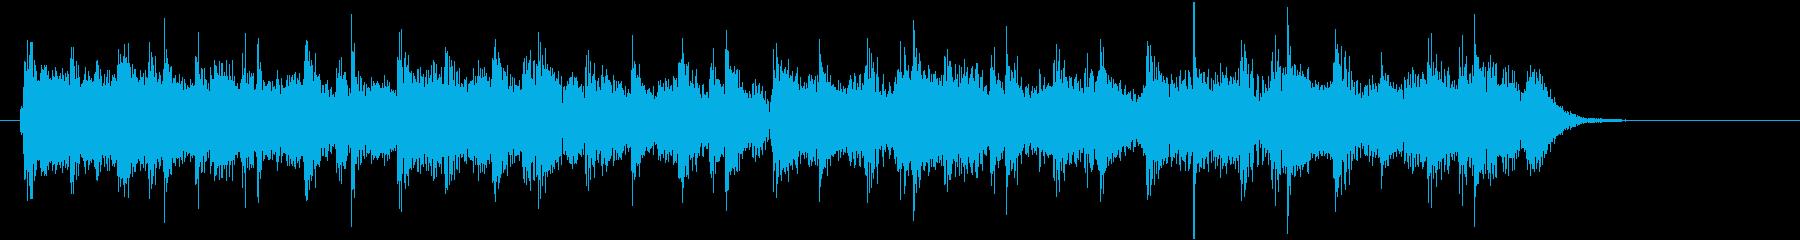 オープニングに使える軽快あっさり系ジャズの再生済みの波形